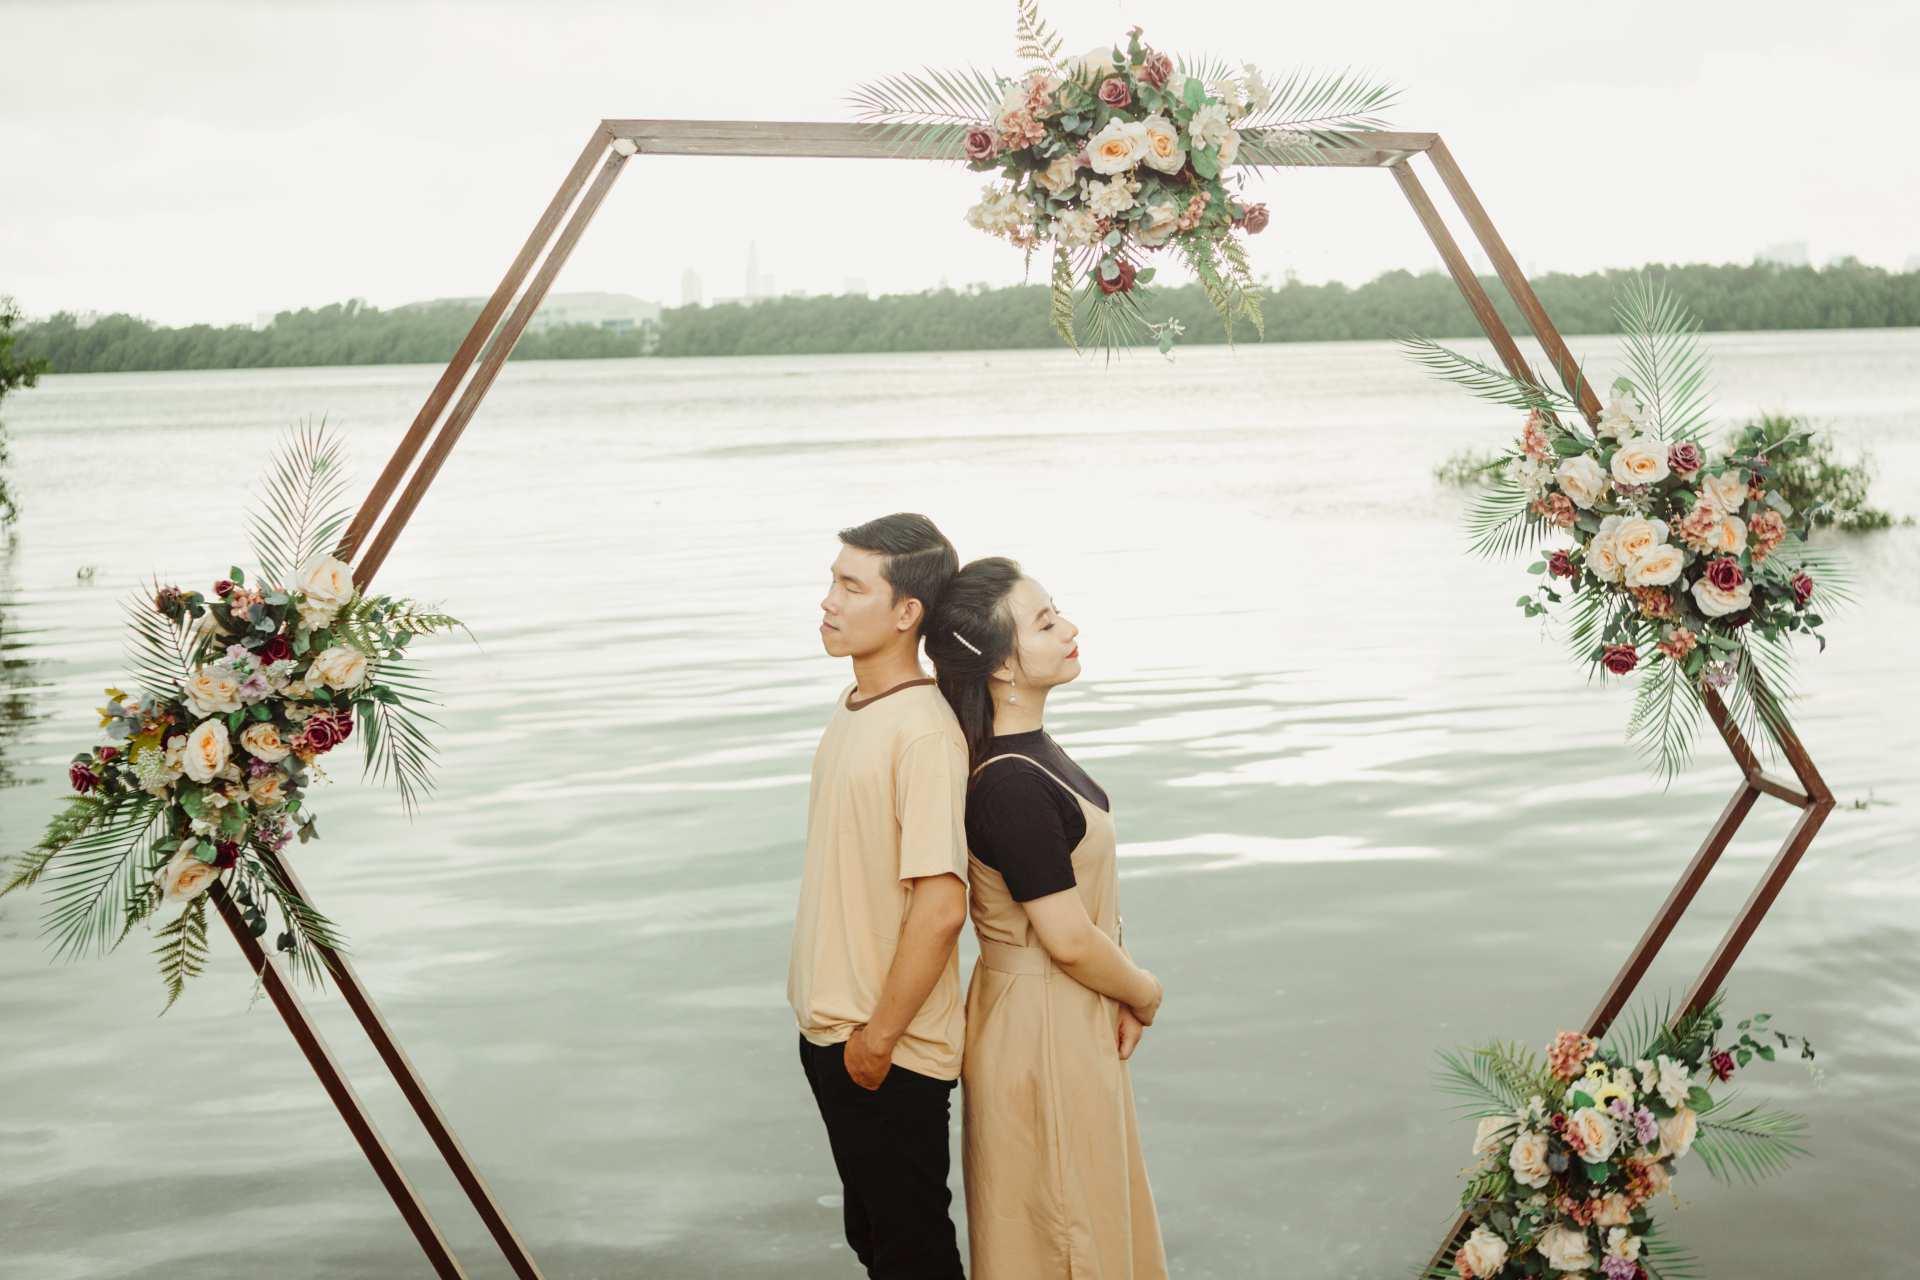 phim trường chụp ảnh cưới Alibaba - Ảnh 1